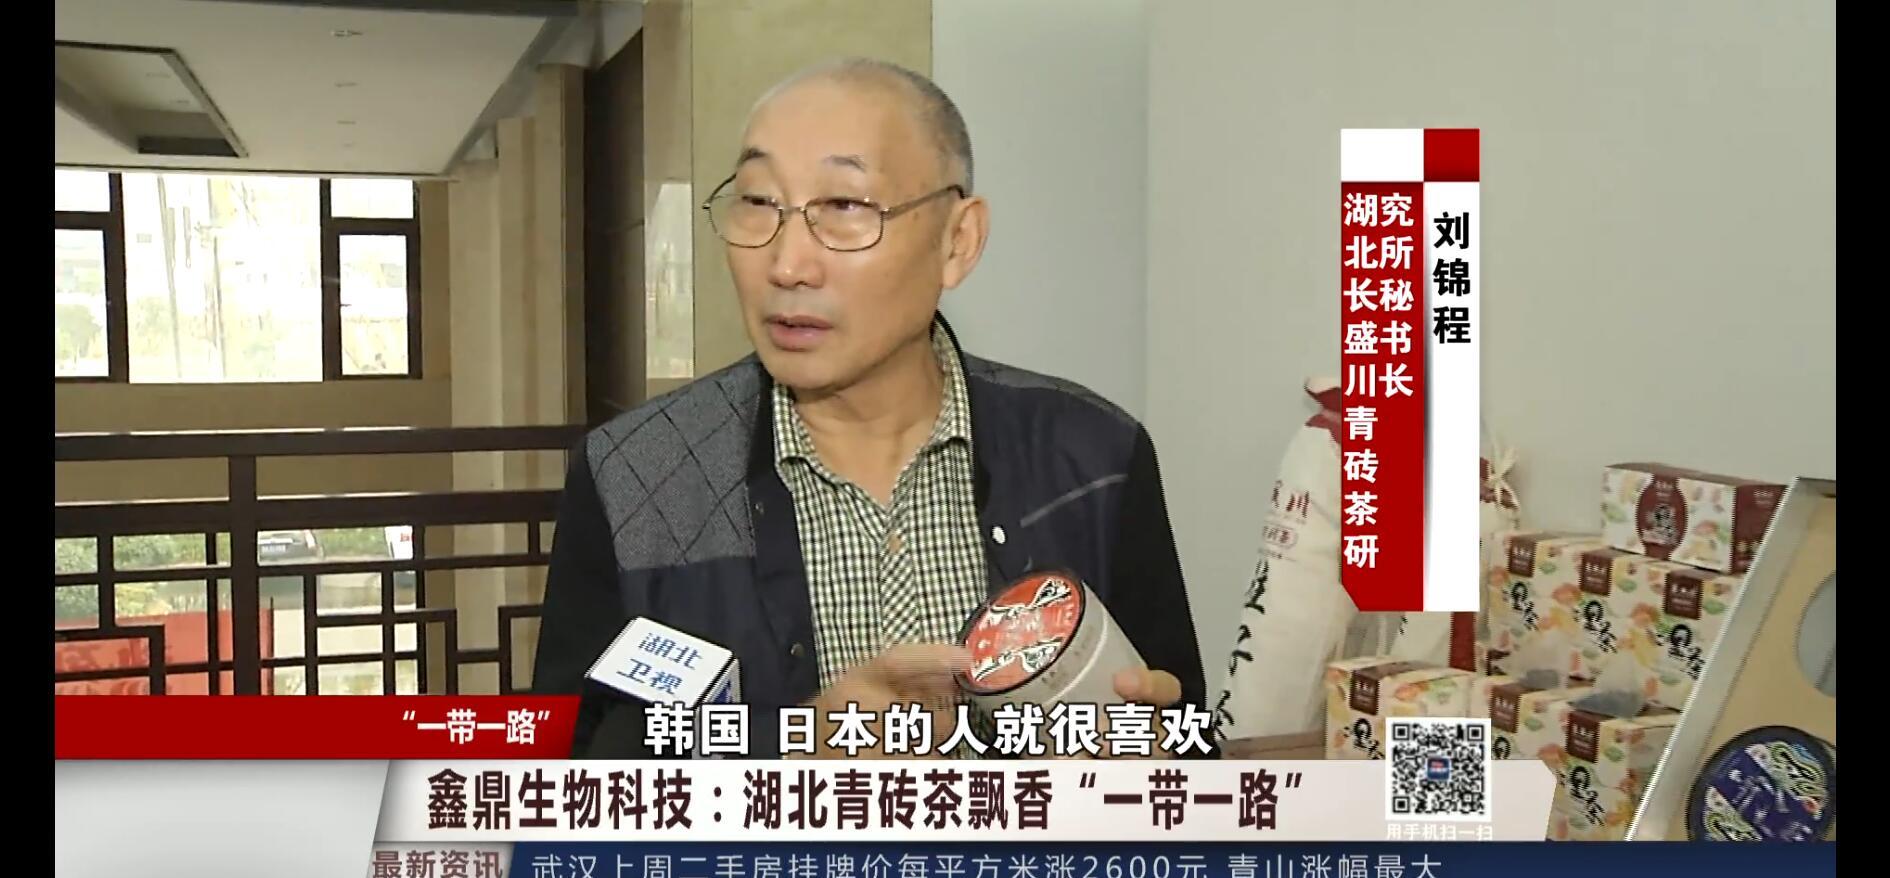 湖北公共新闻频道:长盛川湖北青砖茶飘香一带一路